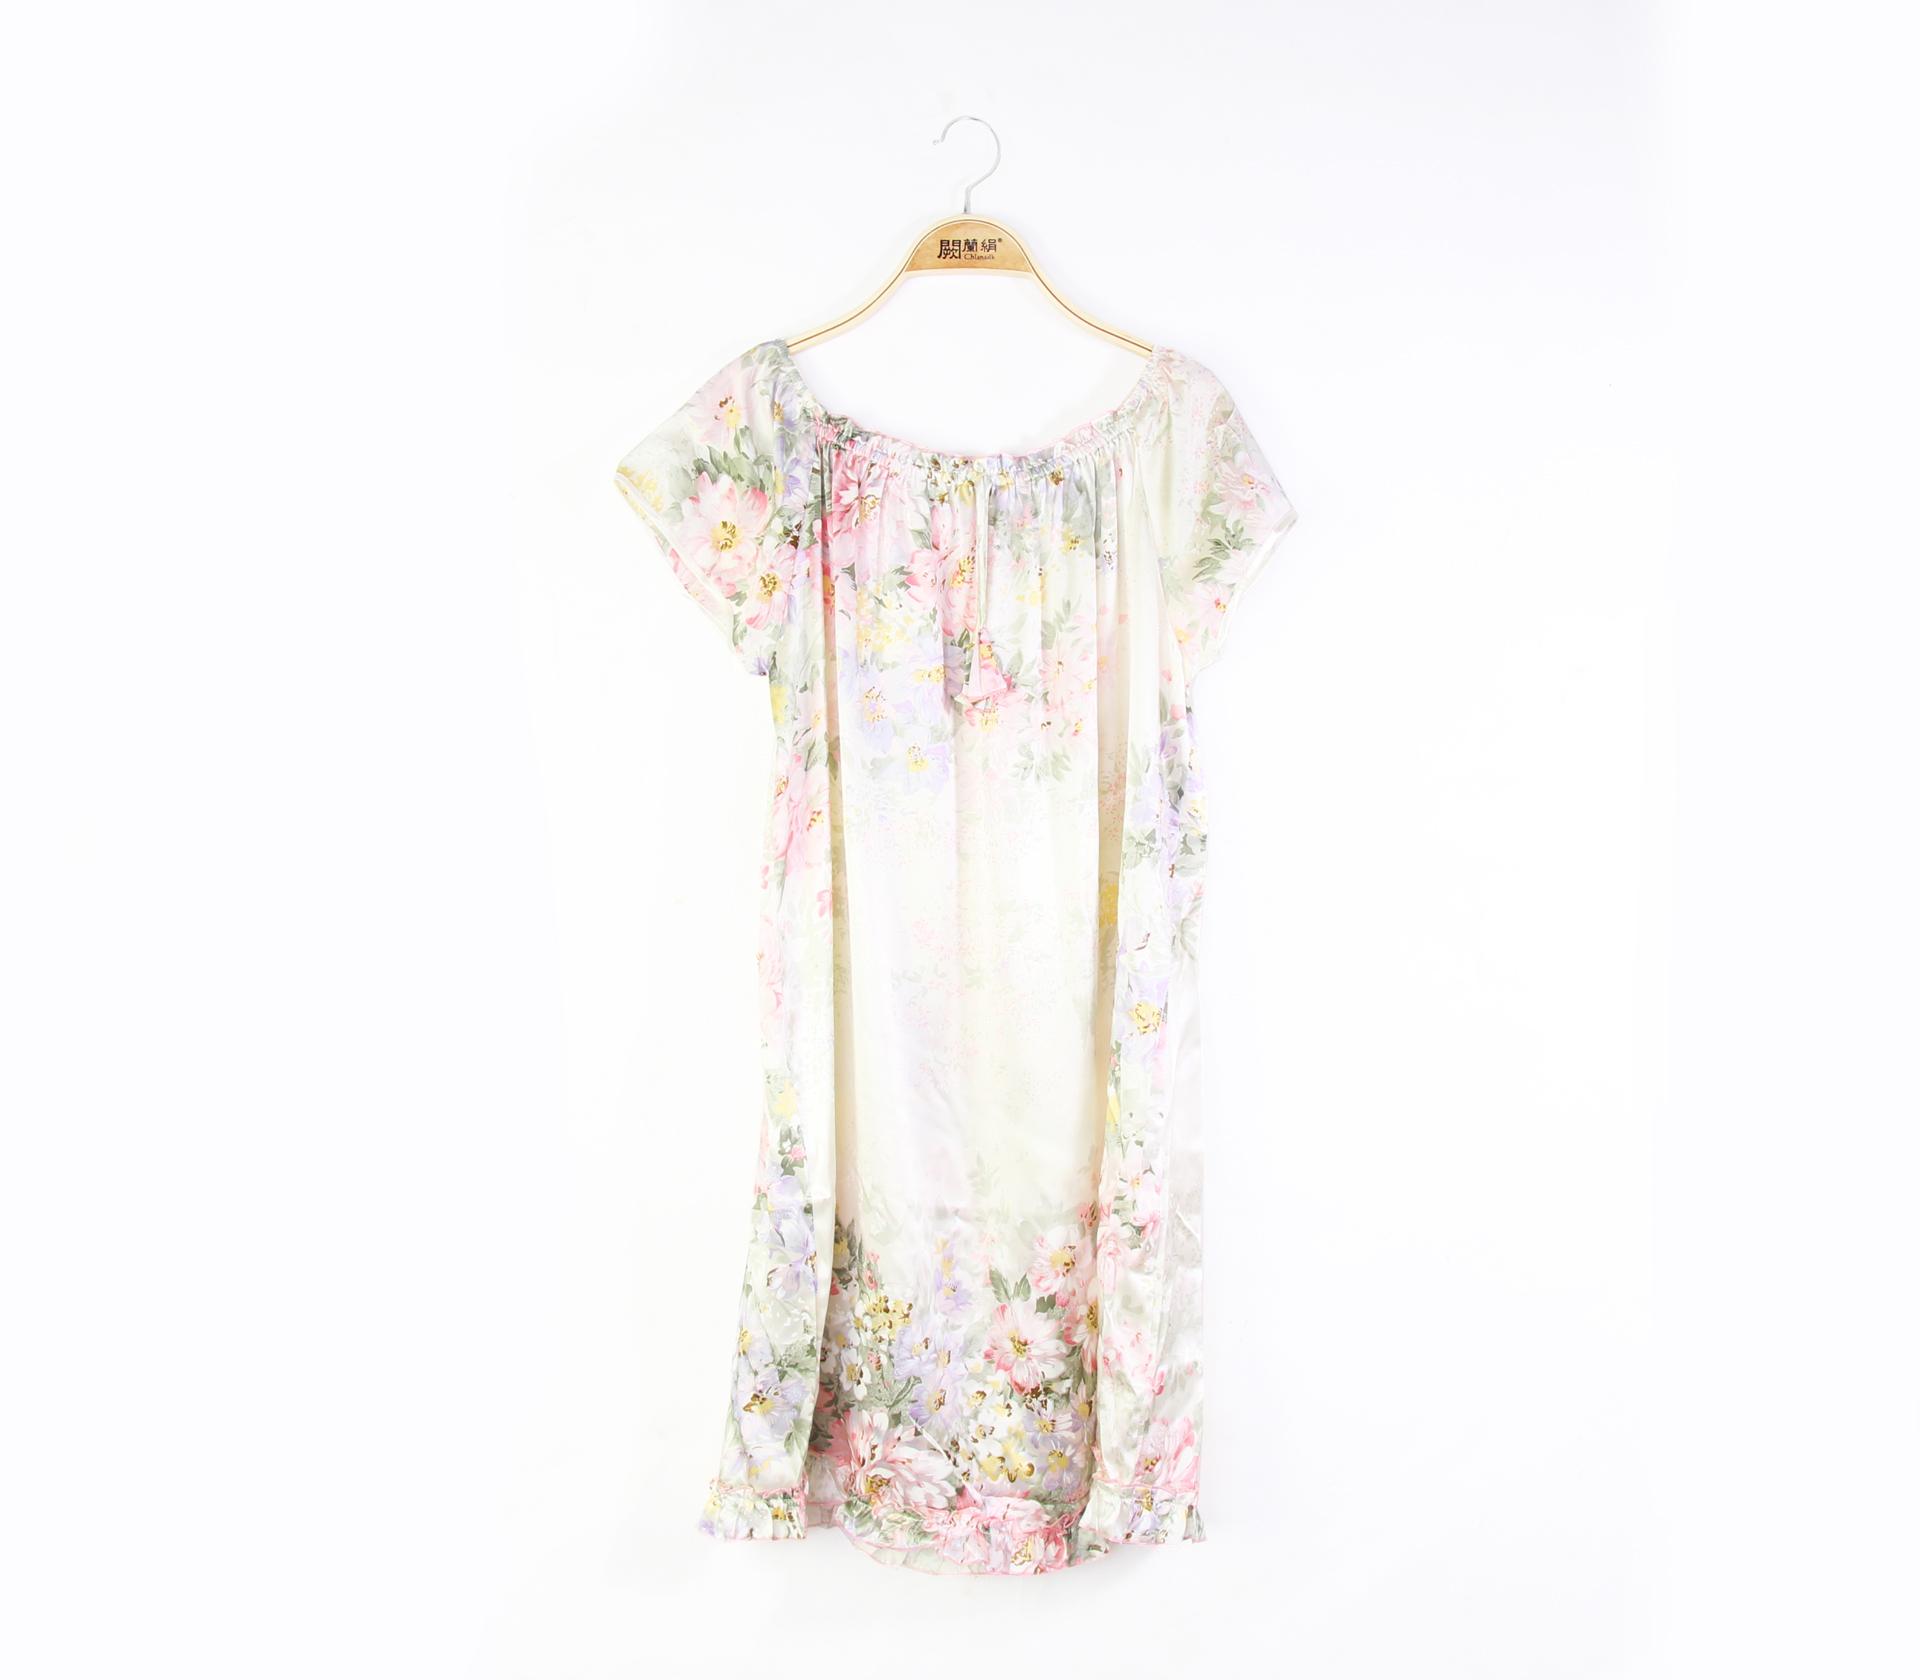 闕蘭絹繽紛花朵親膚透氣100%蠶絲連身睡衣-2230-5